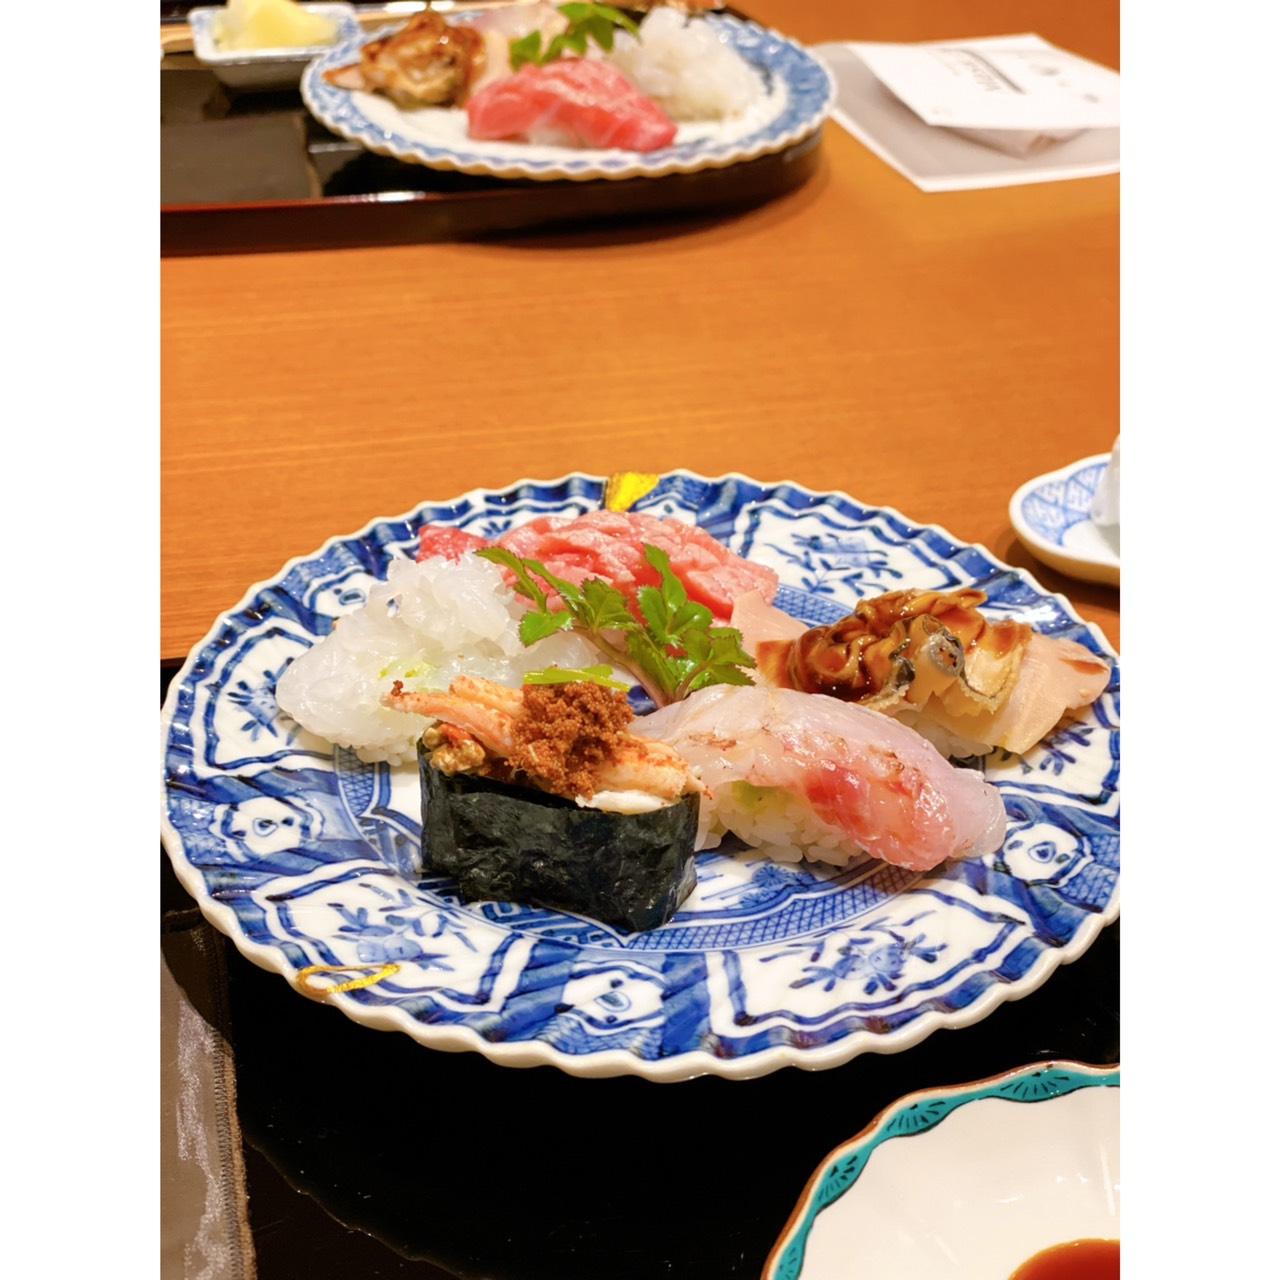 【小松弥助】さんのお寿司を食べに金沢へ〜♪